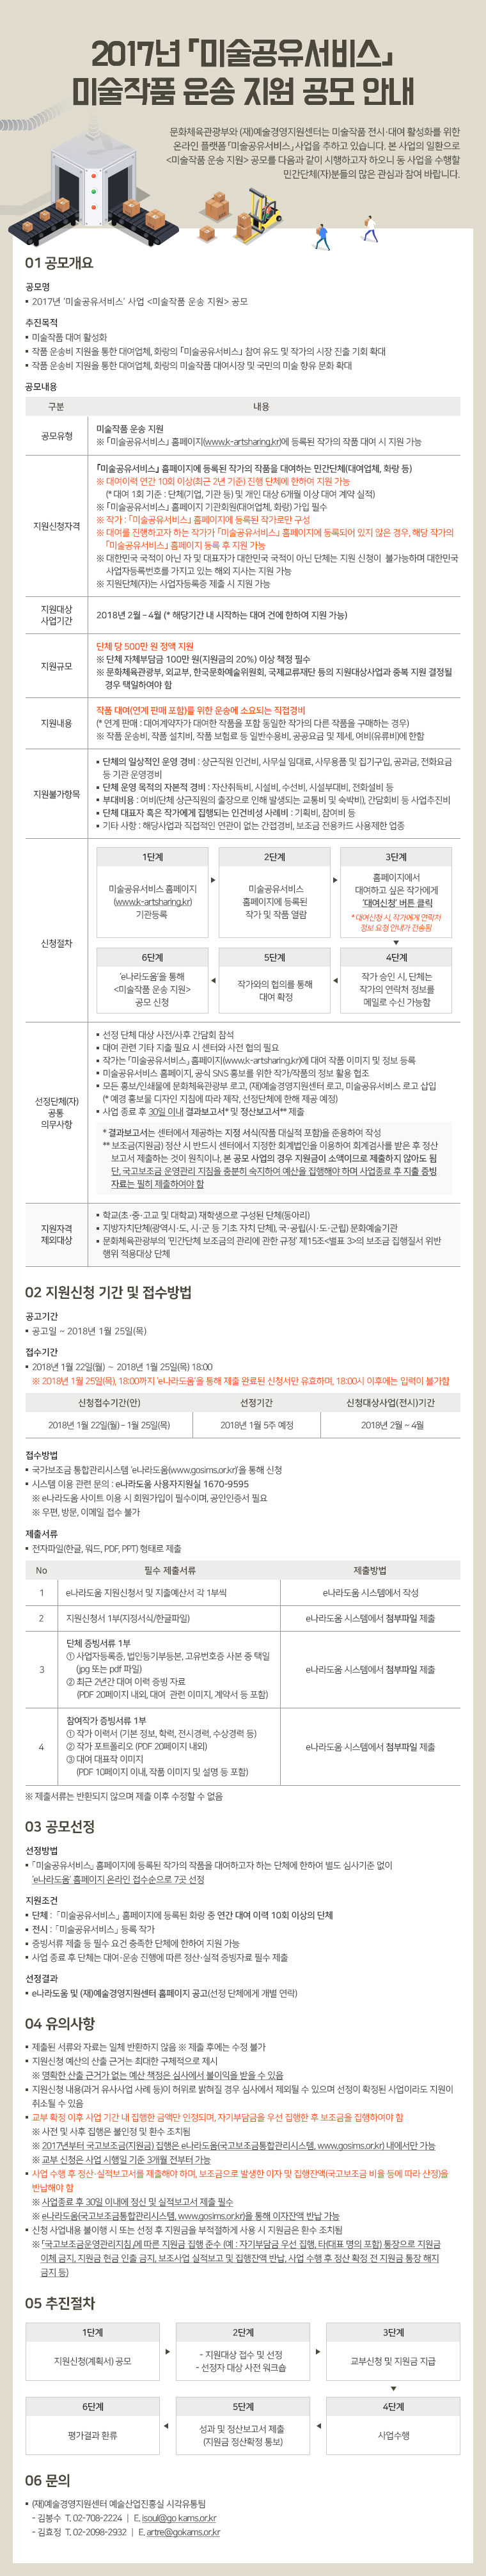 2017 미술공유서비스 <미술작품 운송 지원 공모> 안내이미지1